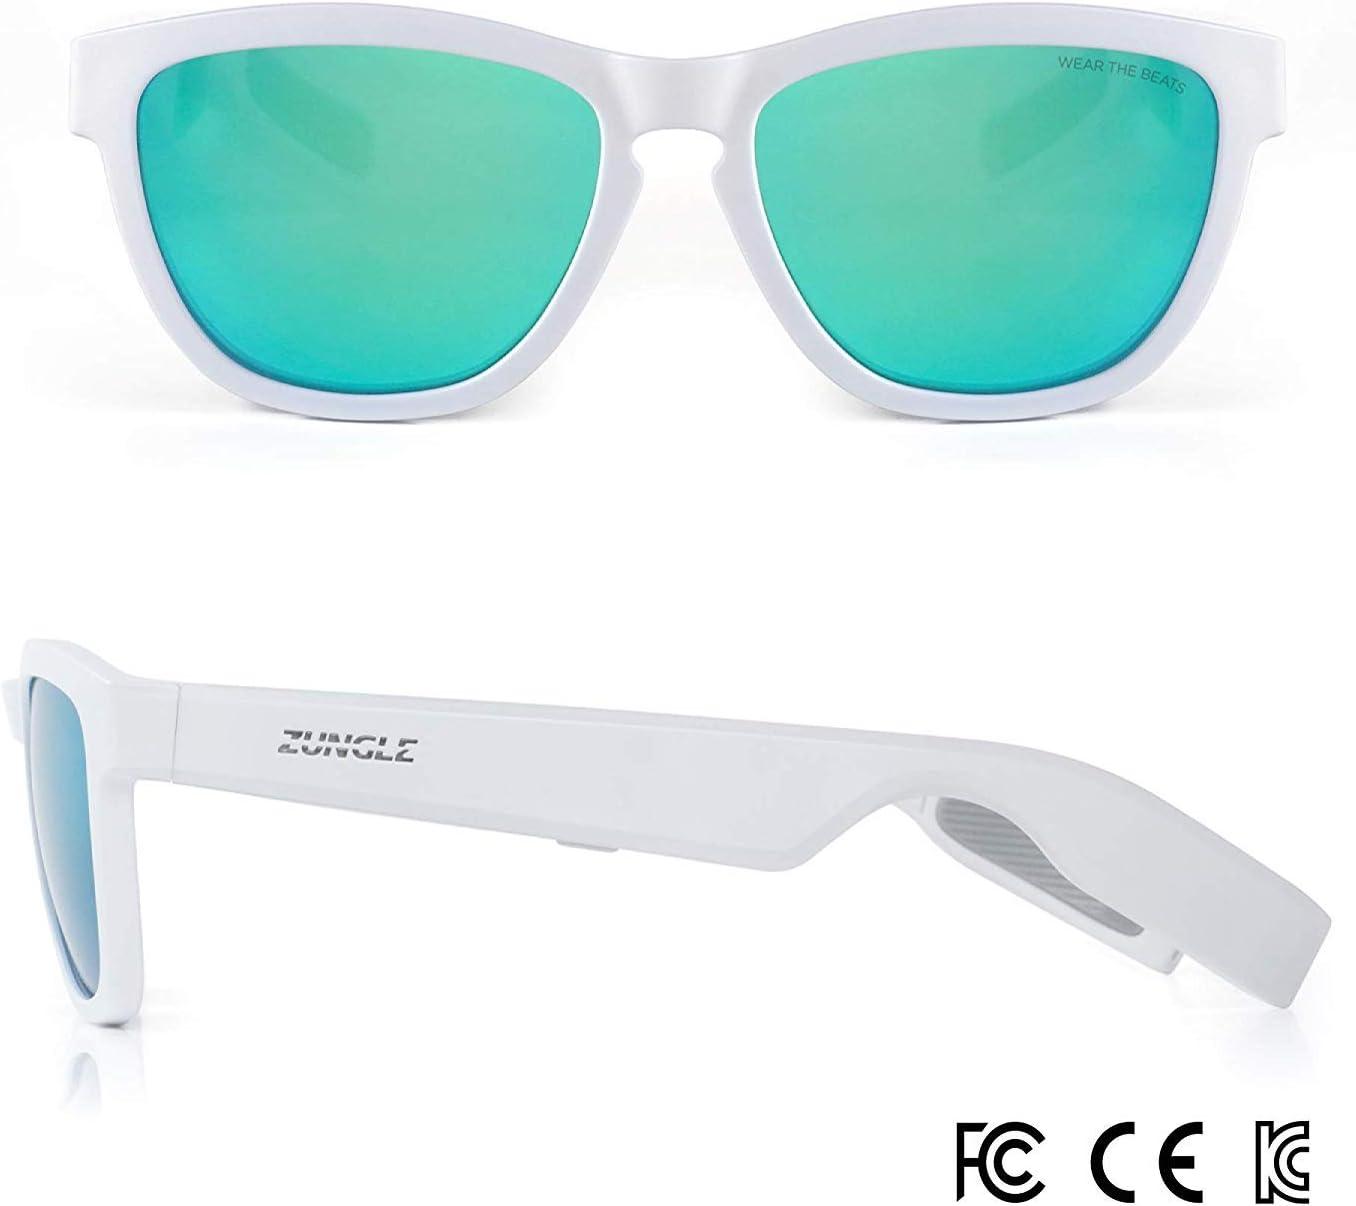 Zungle V2 Viper, Sonnenbrille mit offenem Ohr Echte: Amazon